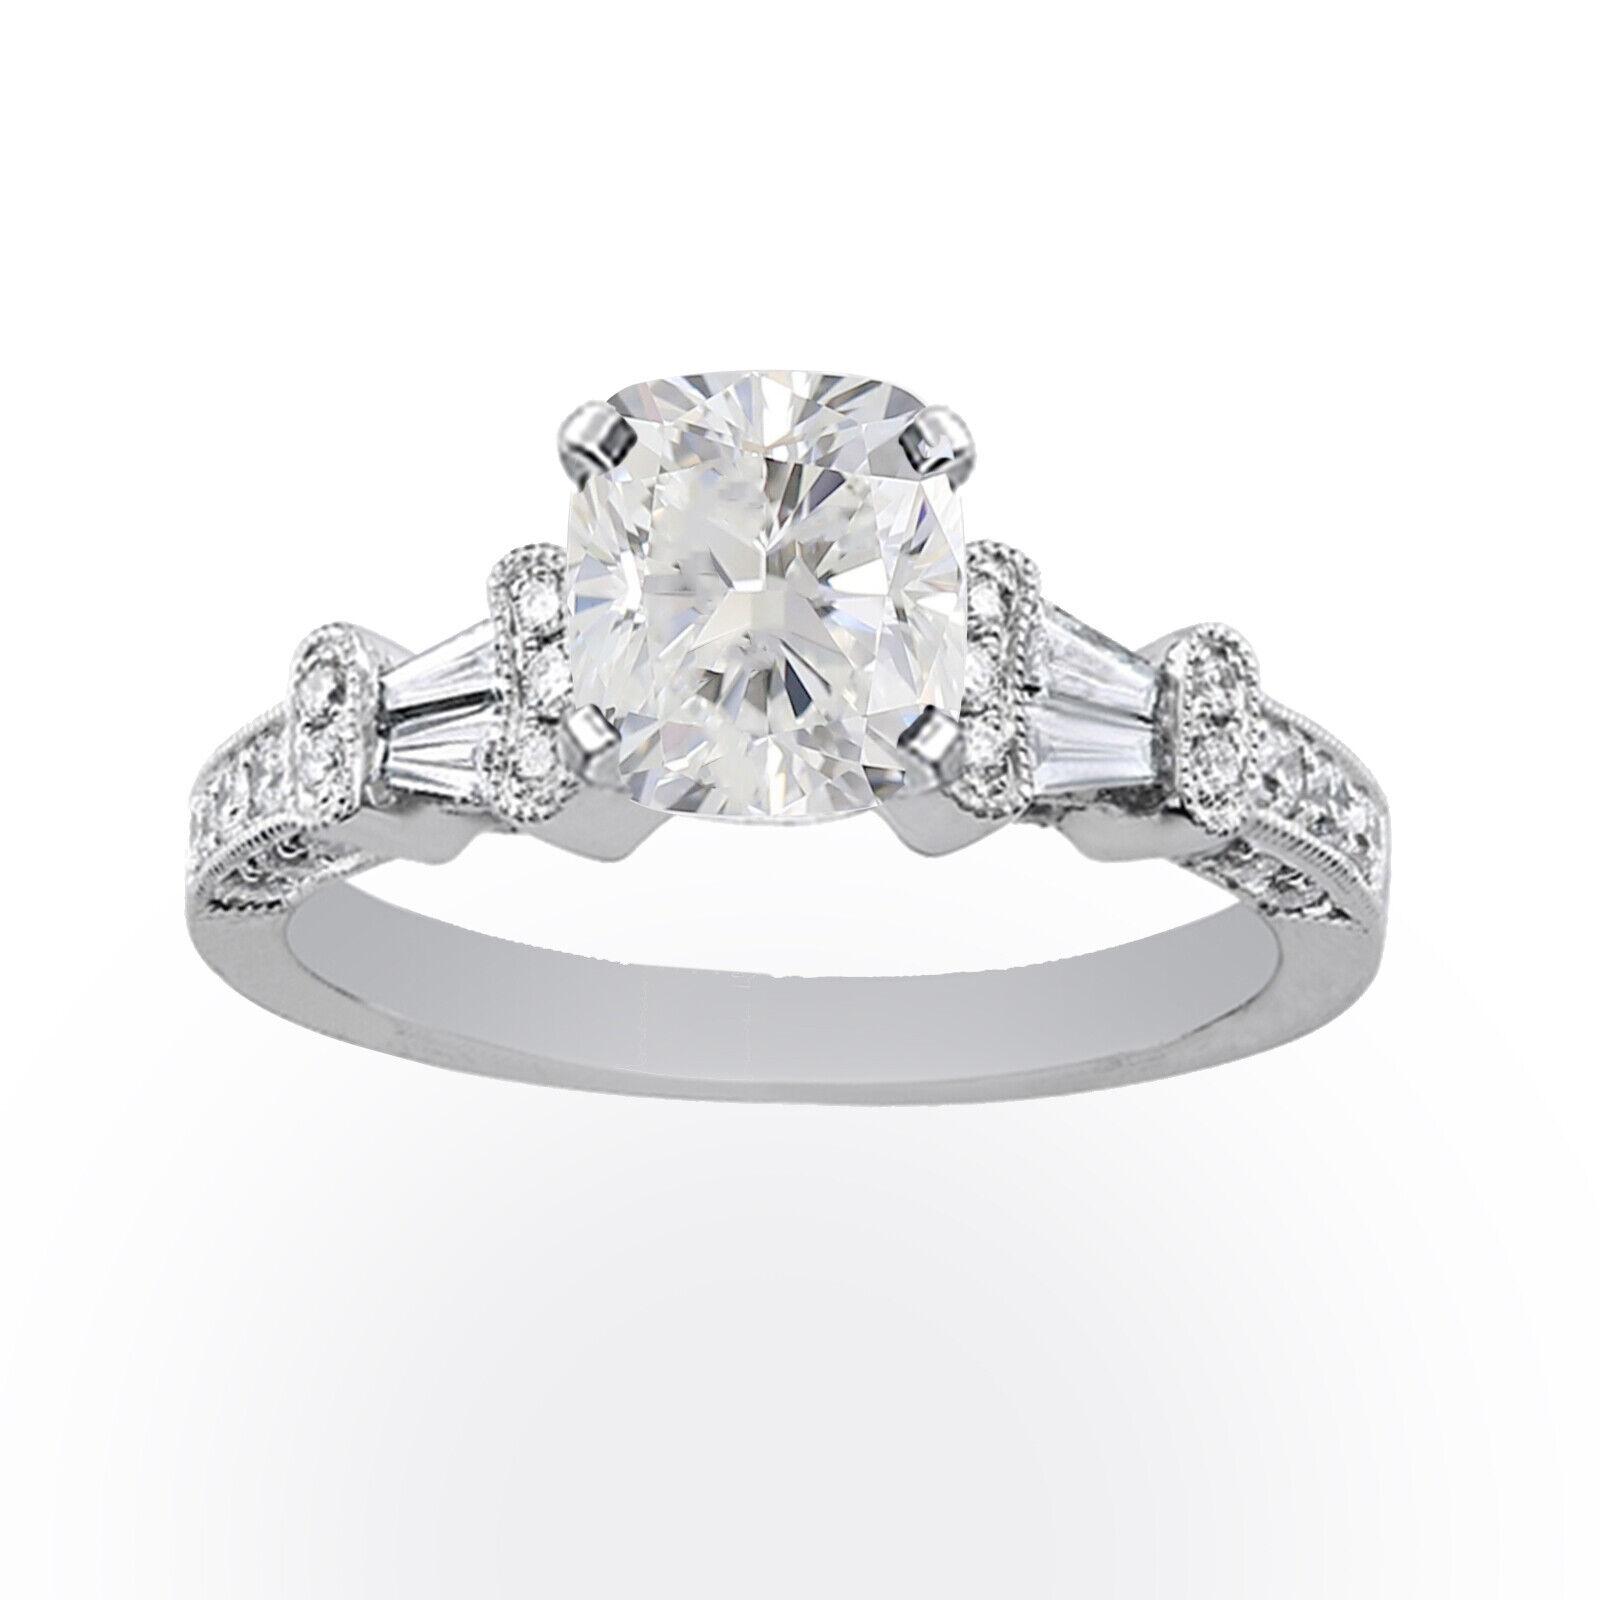 18k White Gold 1.33 carat GIA Certified Diamond Engagement Ring Cushion Cut